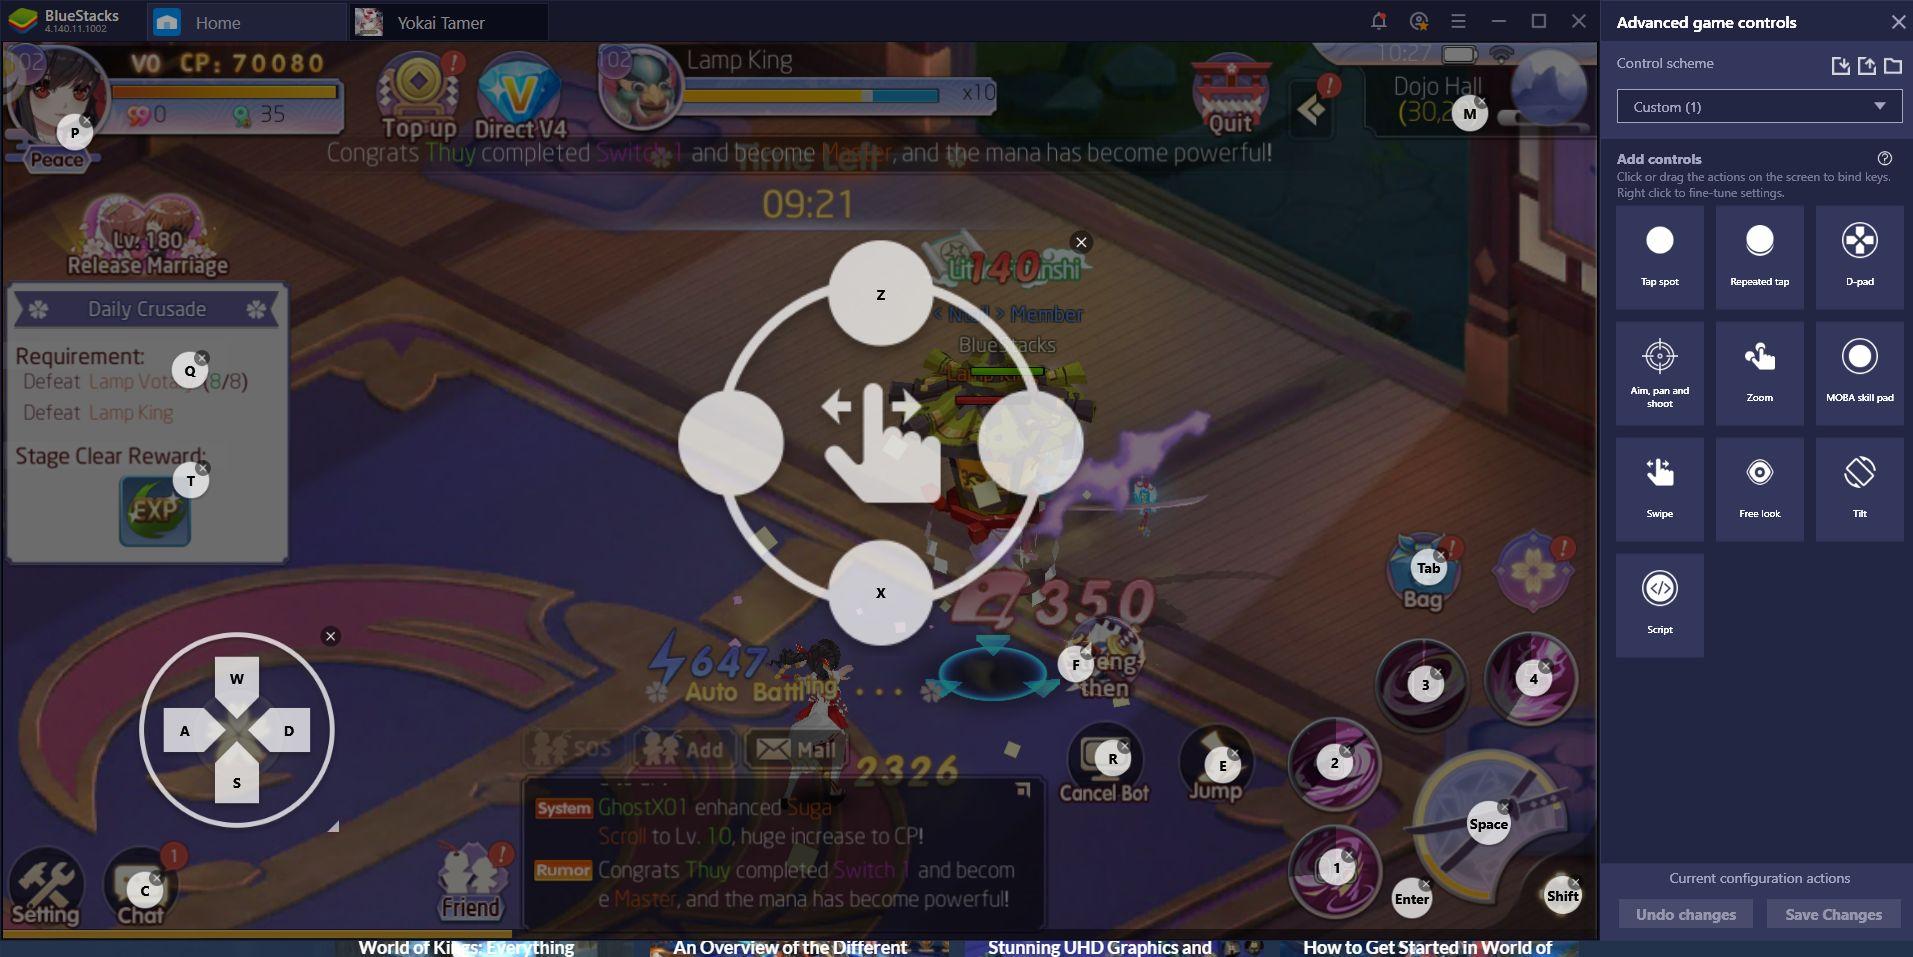 Enjoy Yokai Tamer on Your PC With BlueStacks